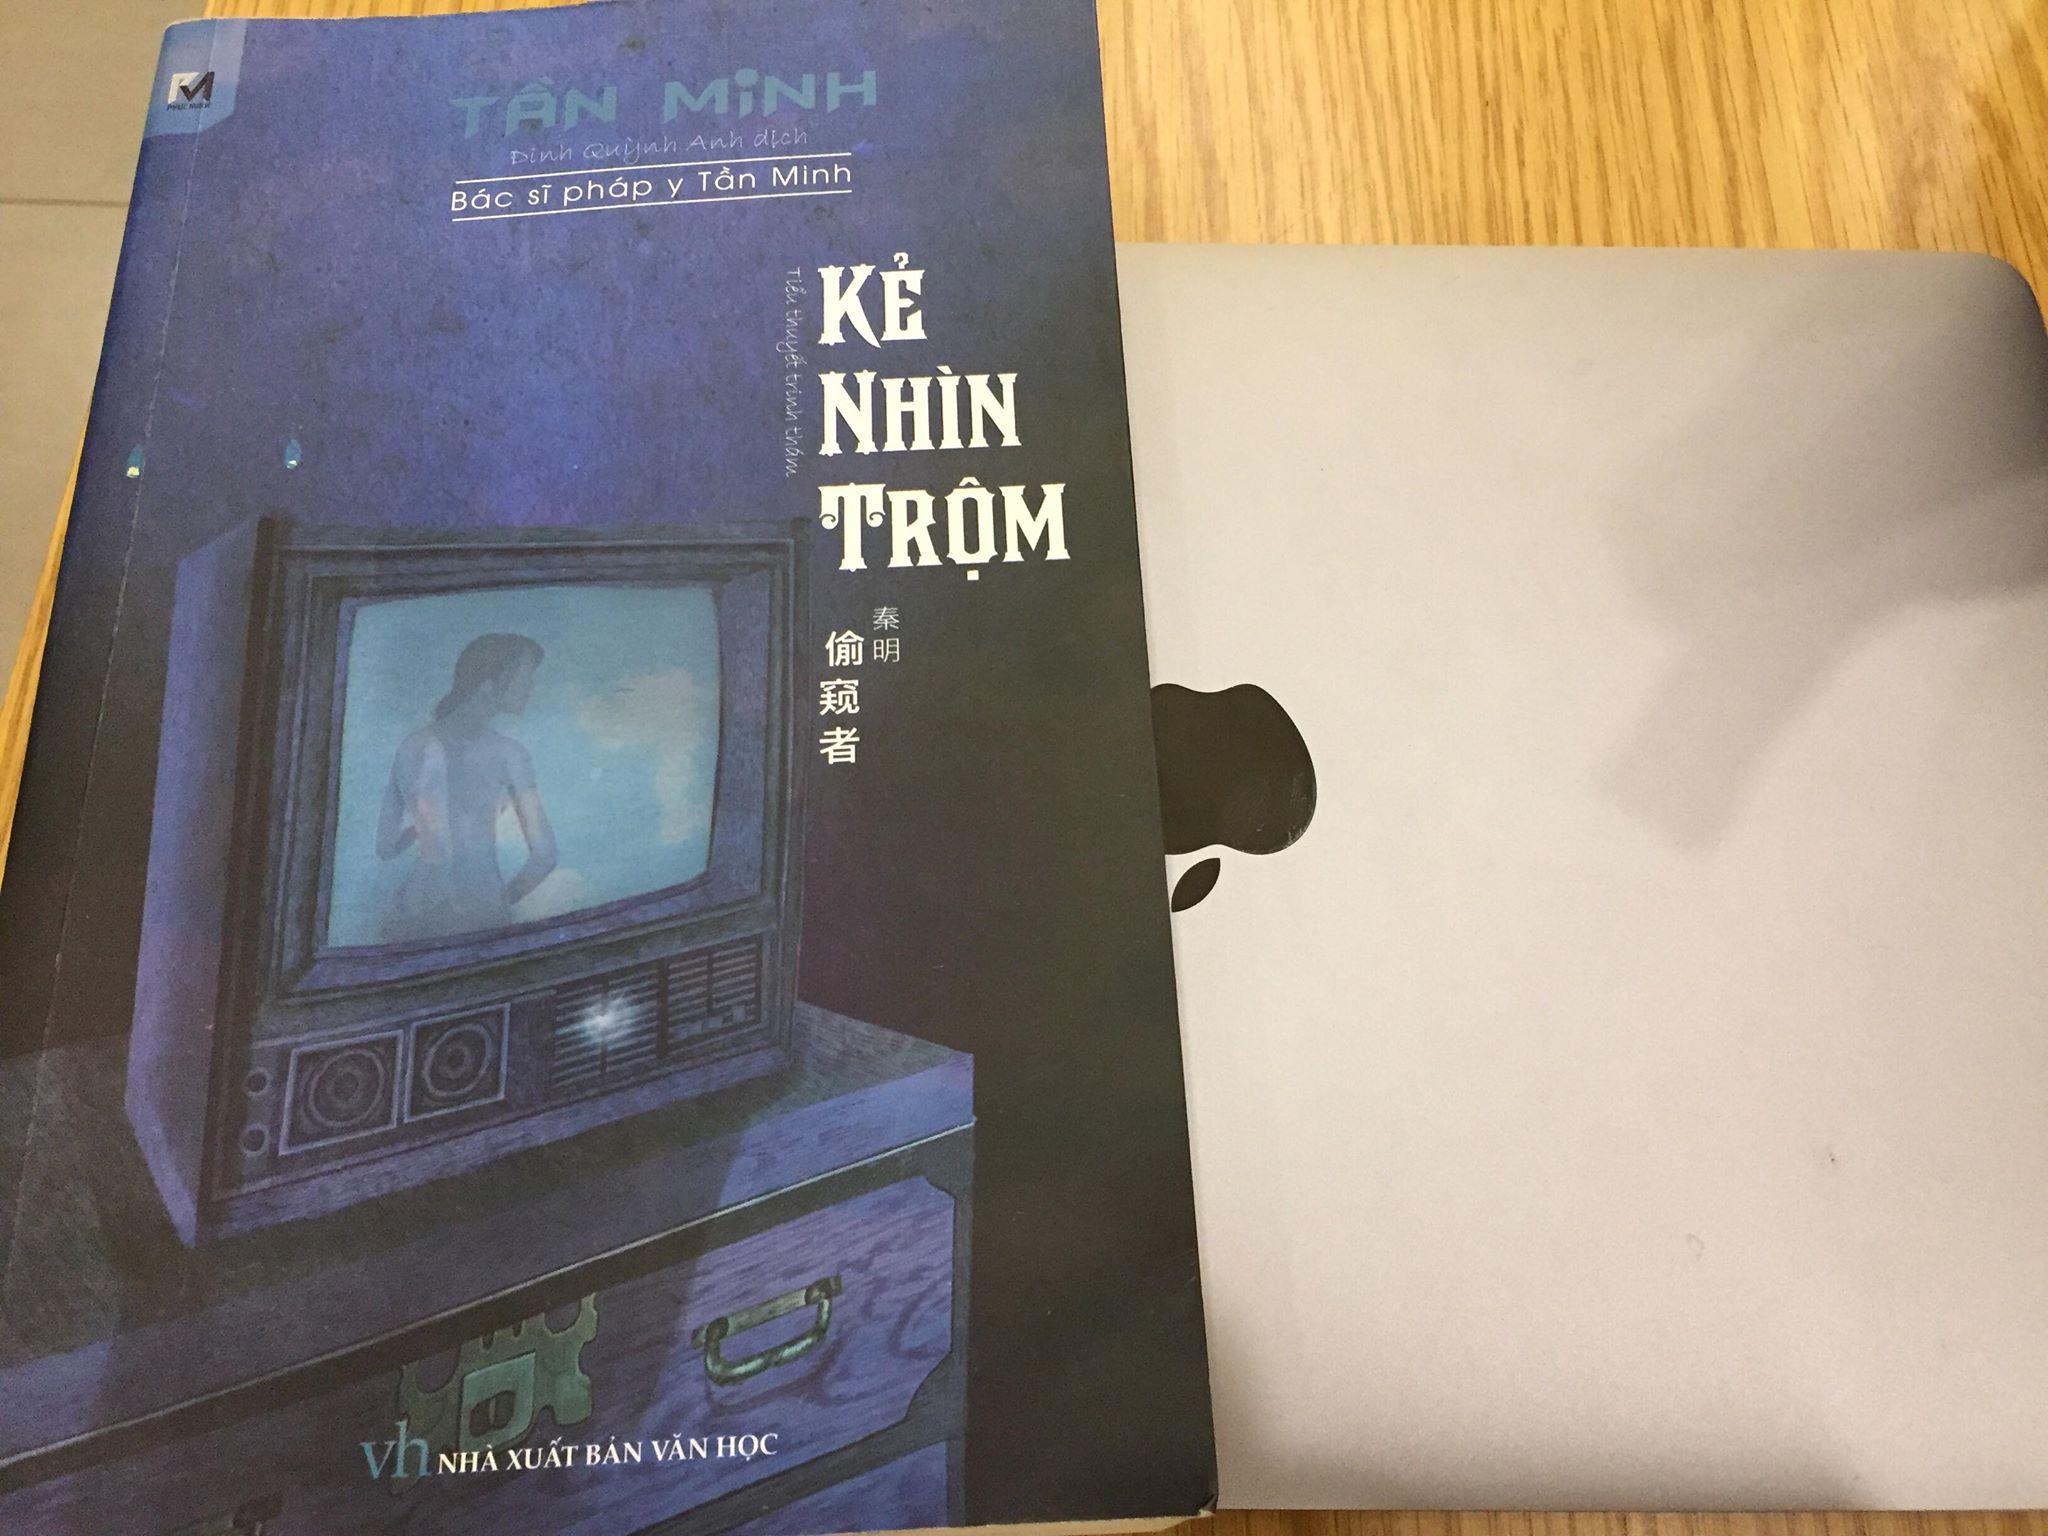 Series trinh thám Tần Minh - Tập 6 Kẻ nhìn trộm